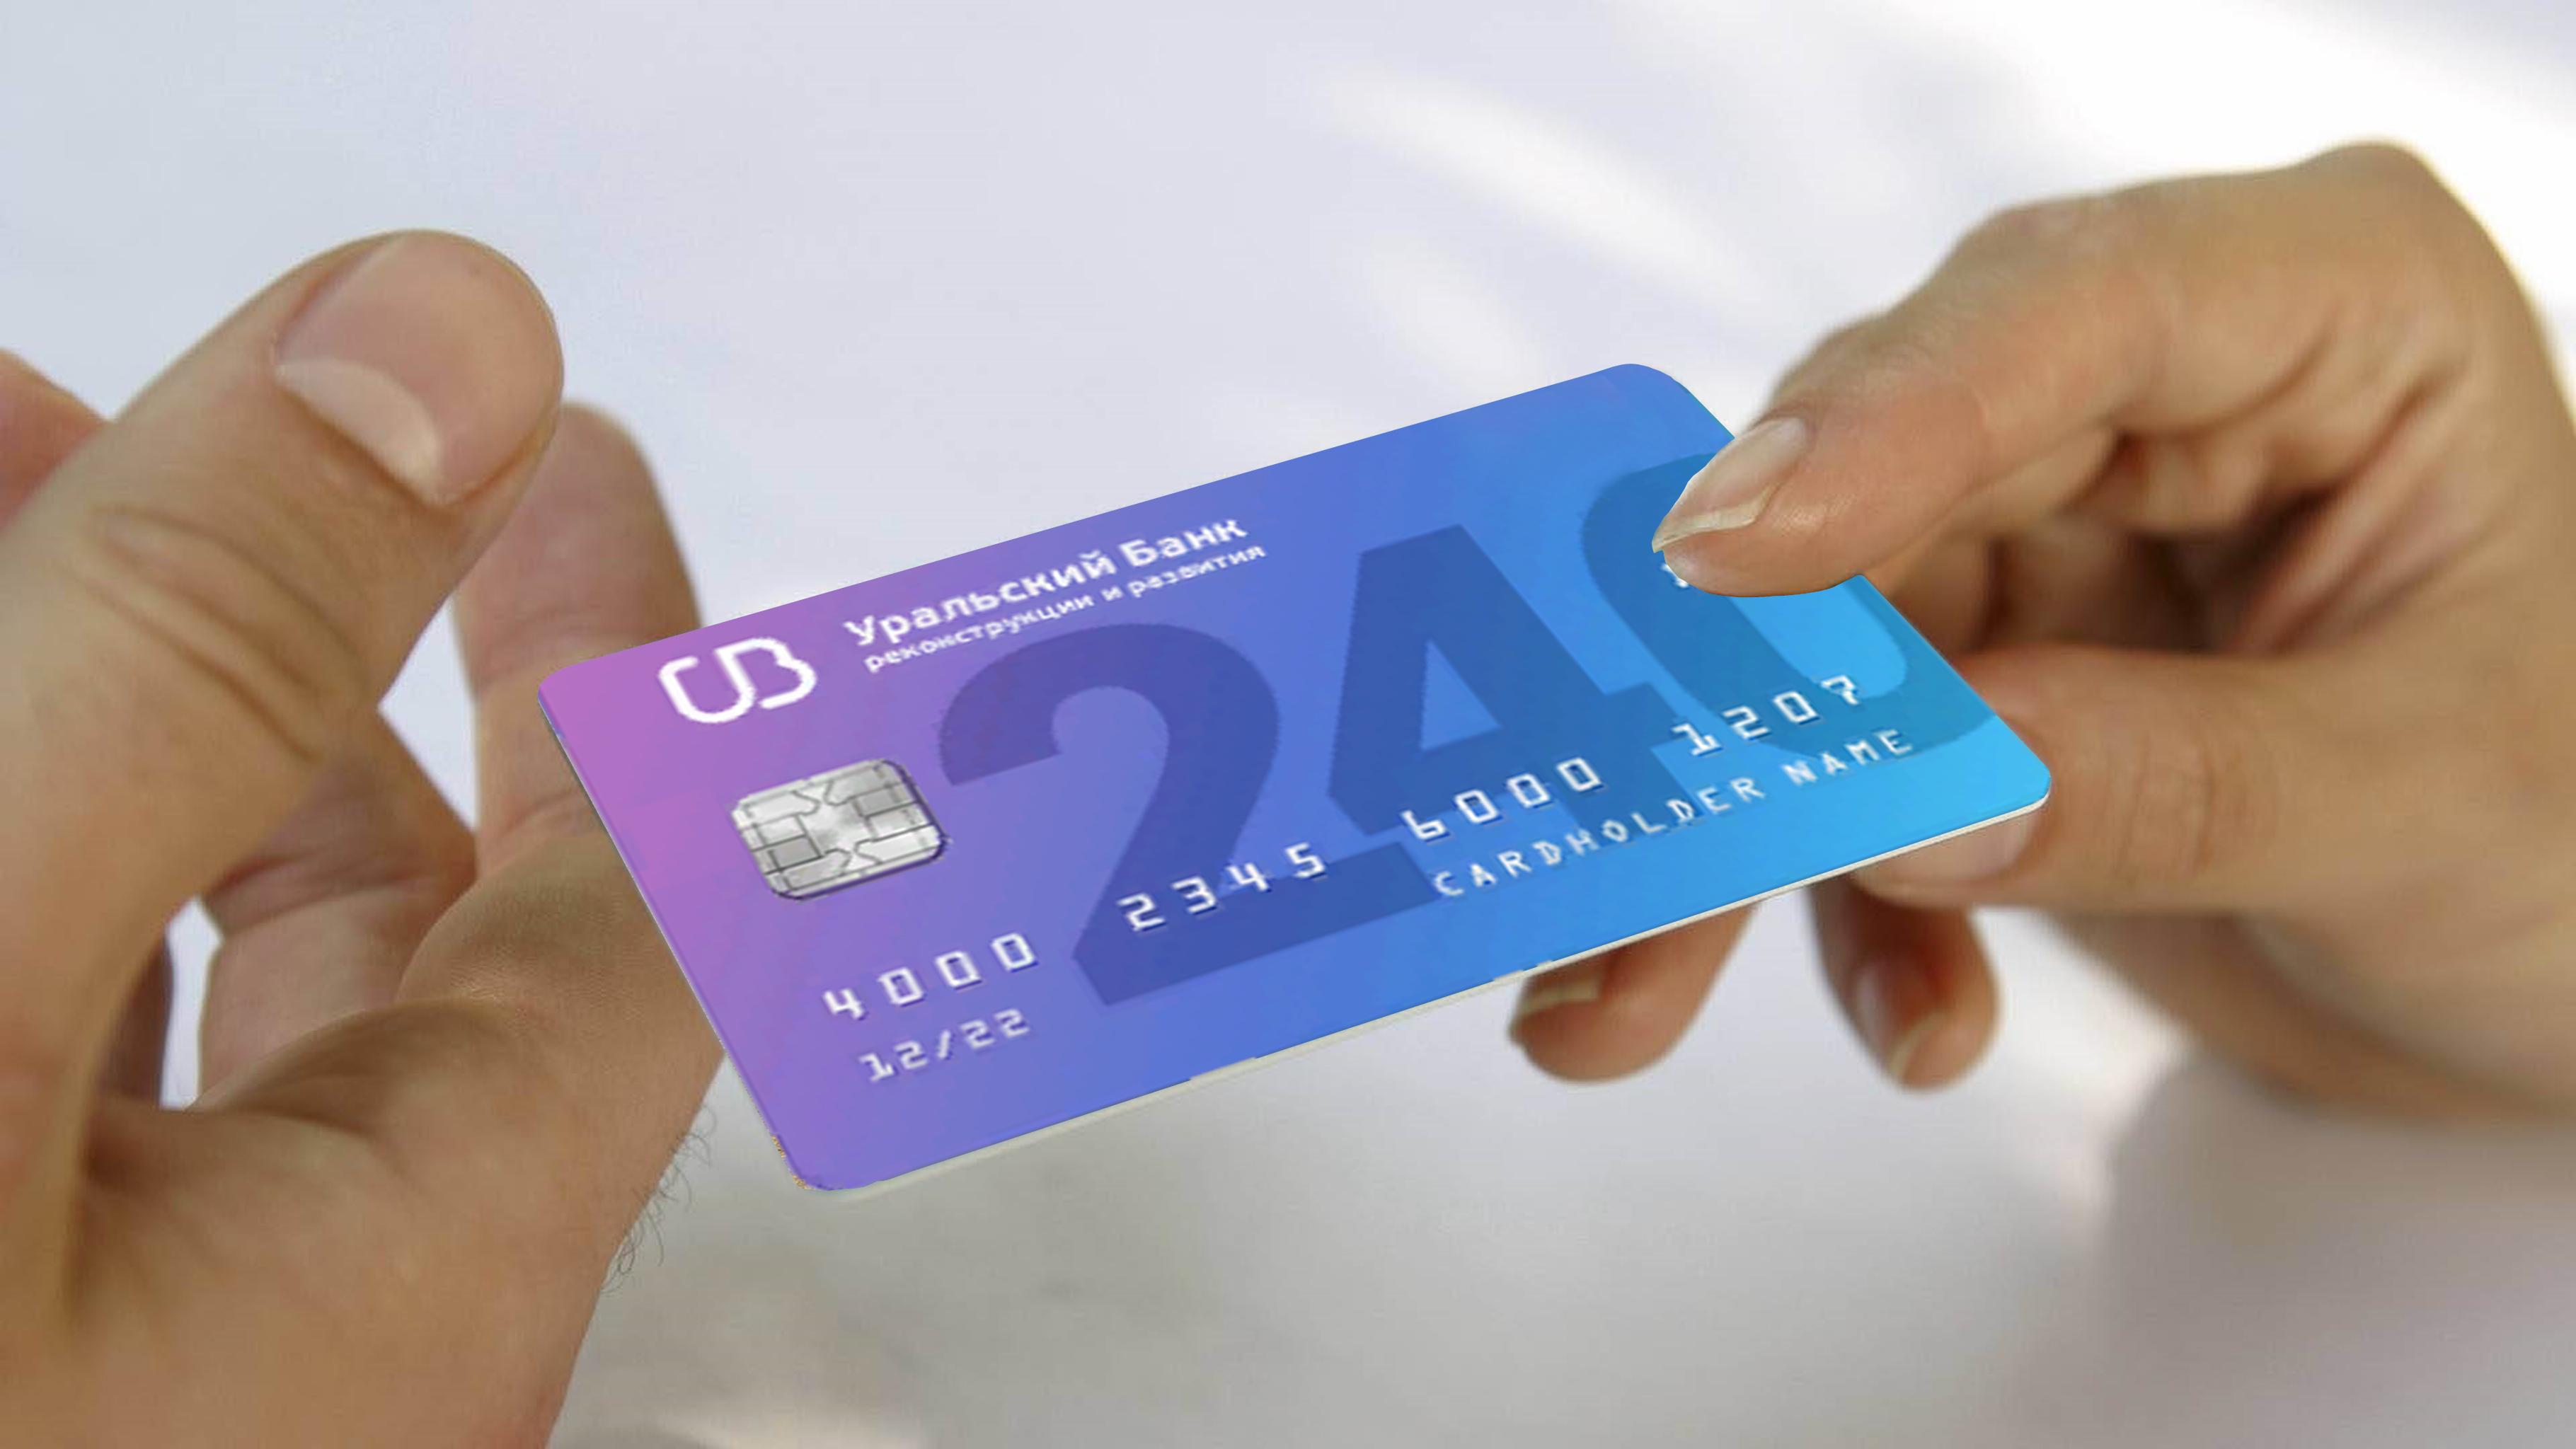 Нужны деньги? Оформить кредитную карту Хоум Кредит Банка в Нижнем Новгороде легко и без проблем.